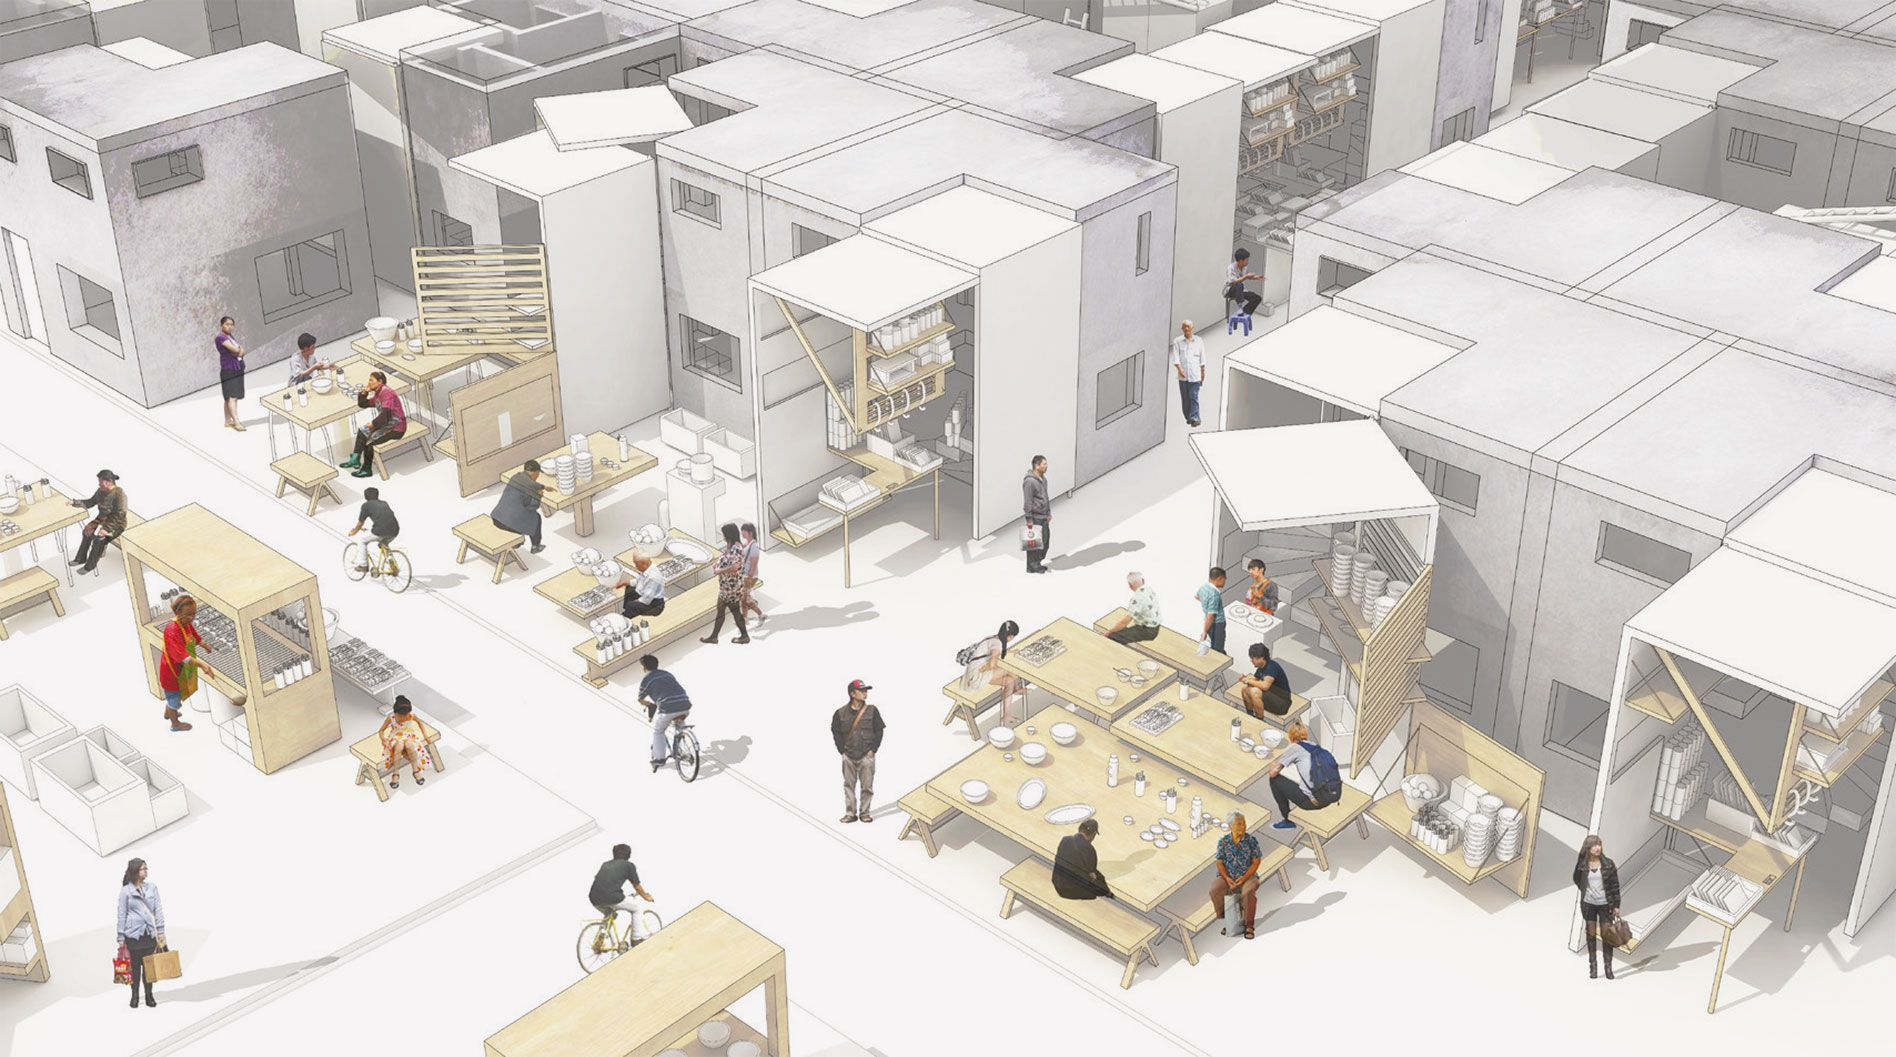 Norine chu , Beijing Market Housing - Flexible urban fabric that